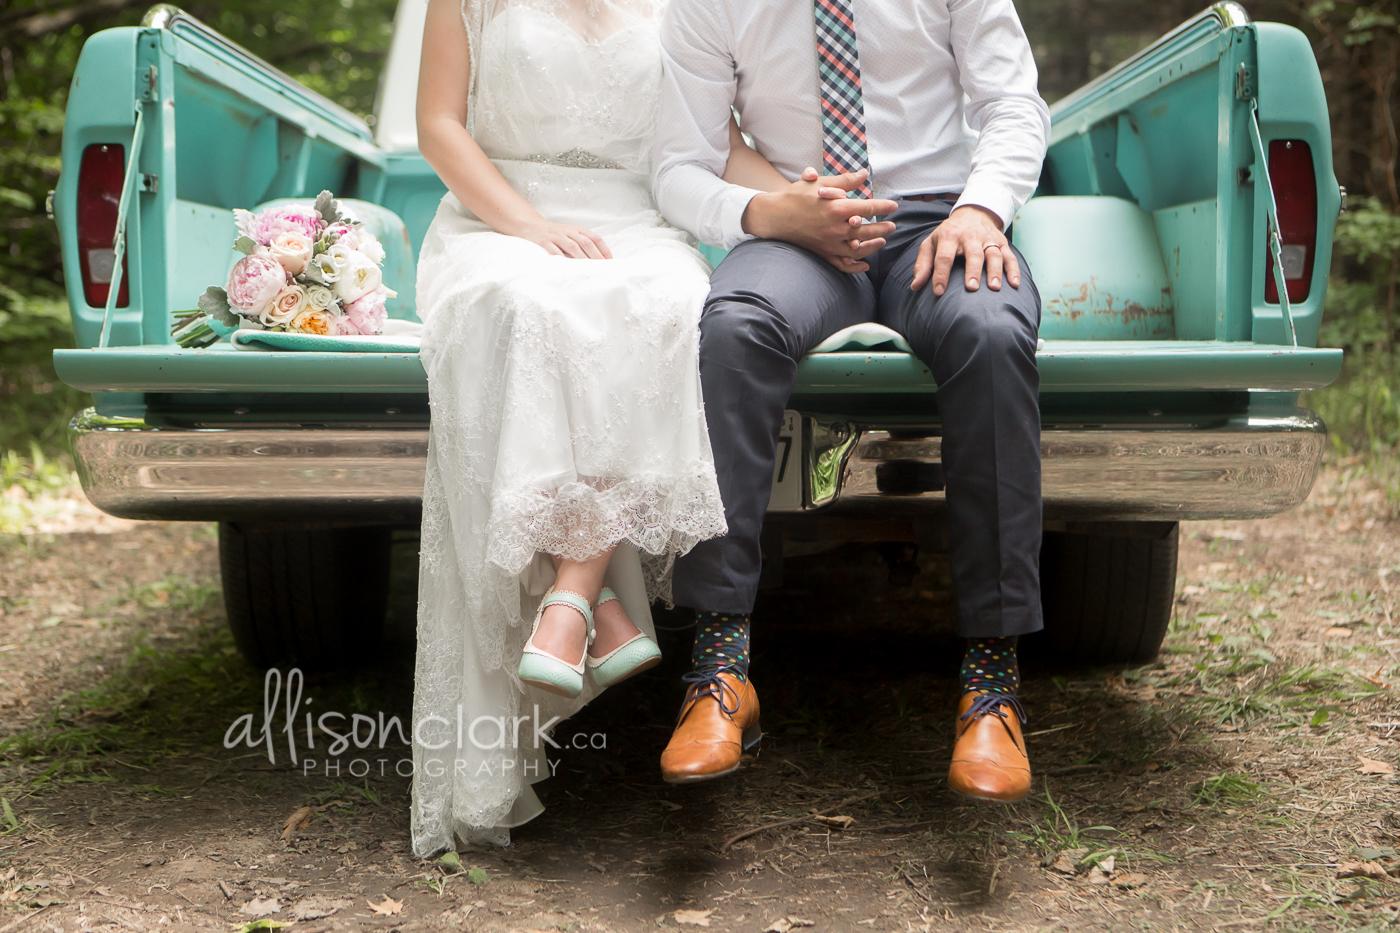 Wedding-turquoise-truck-AllisonClarkPhotography -1-6.jpg